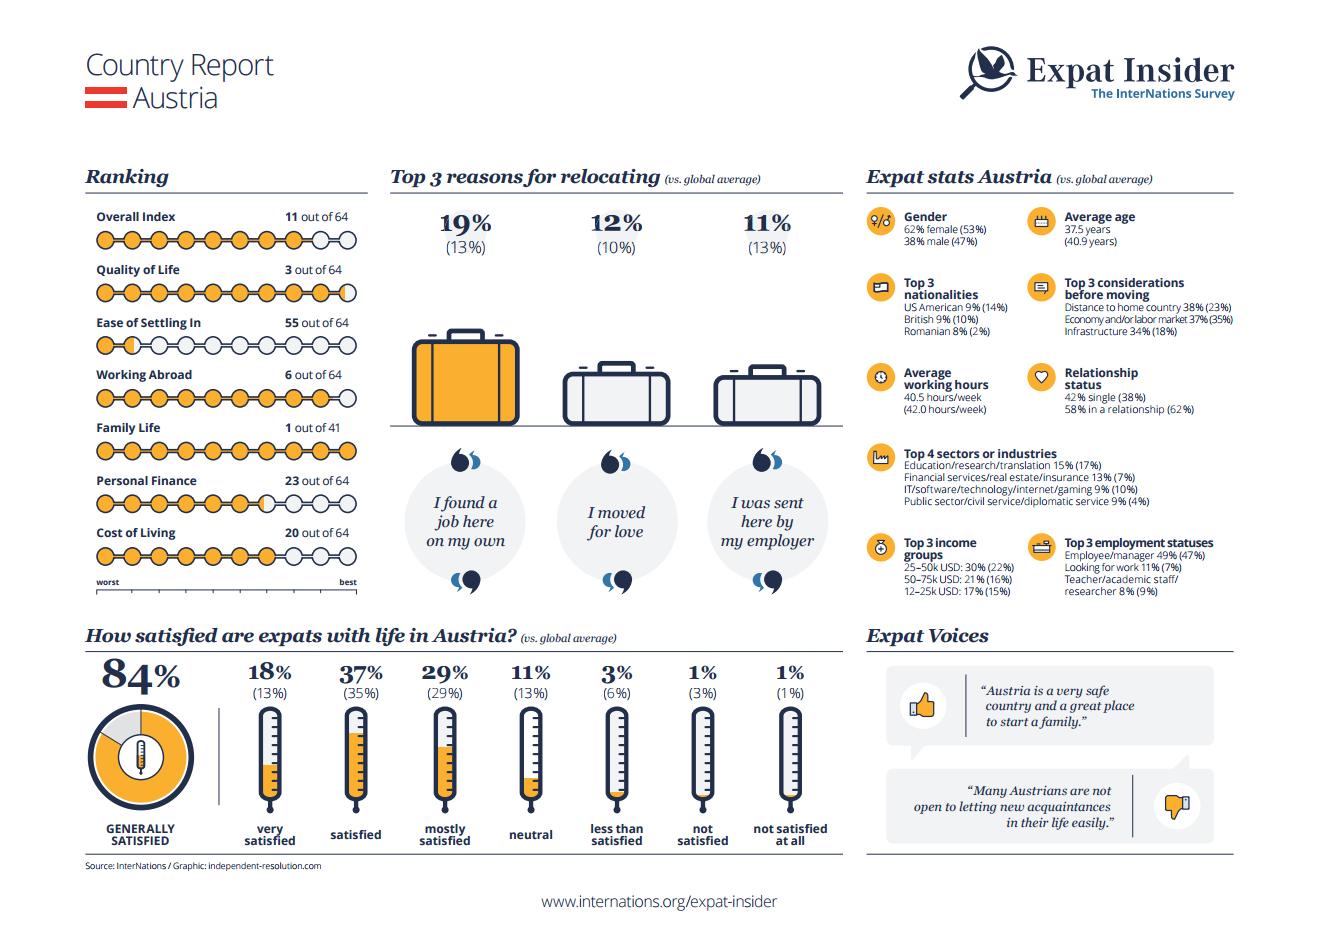 Expat statistics for Austria - infographic